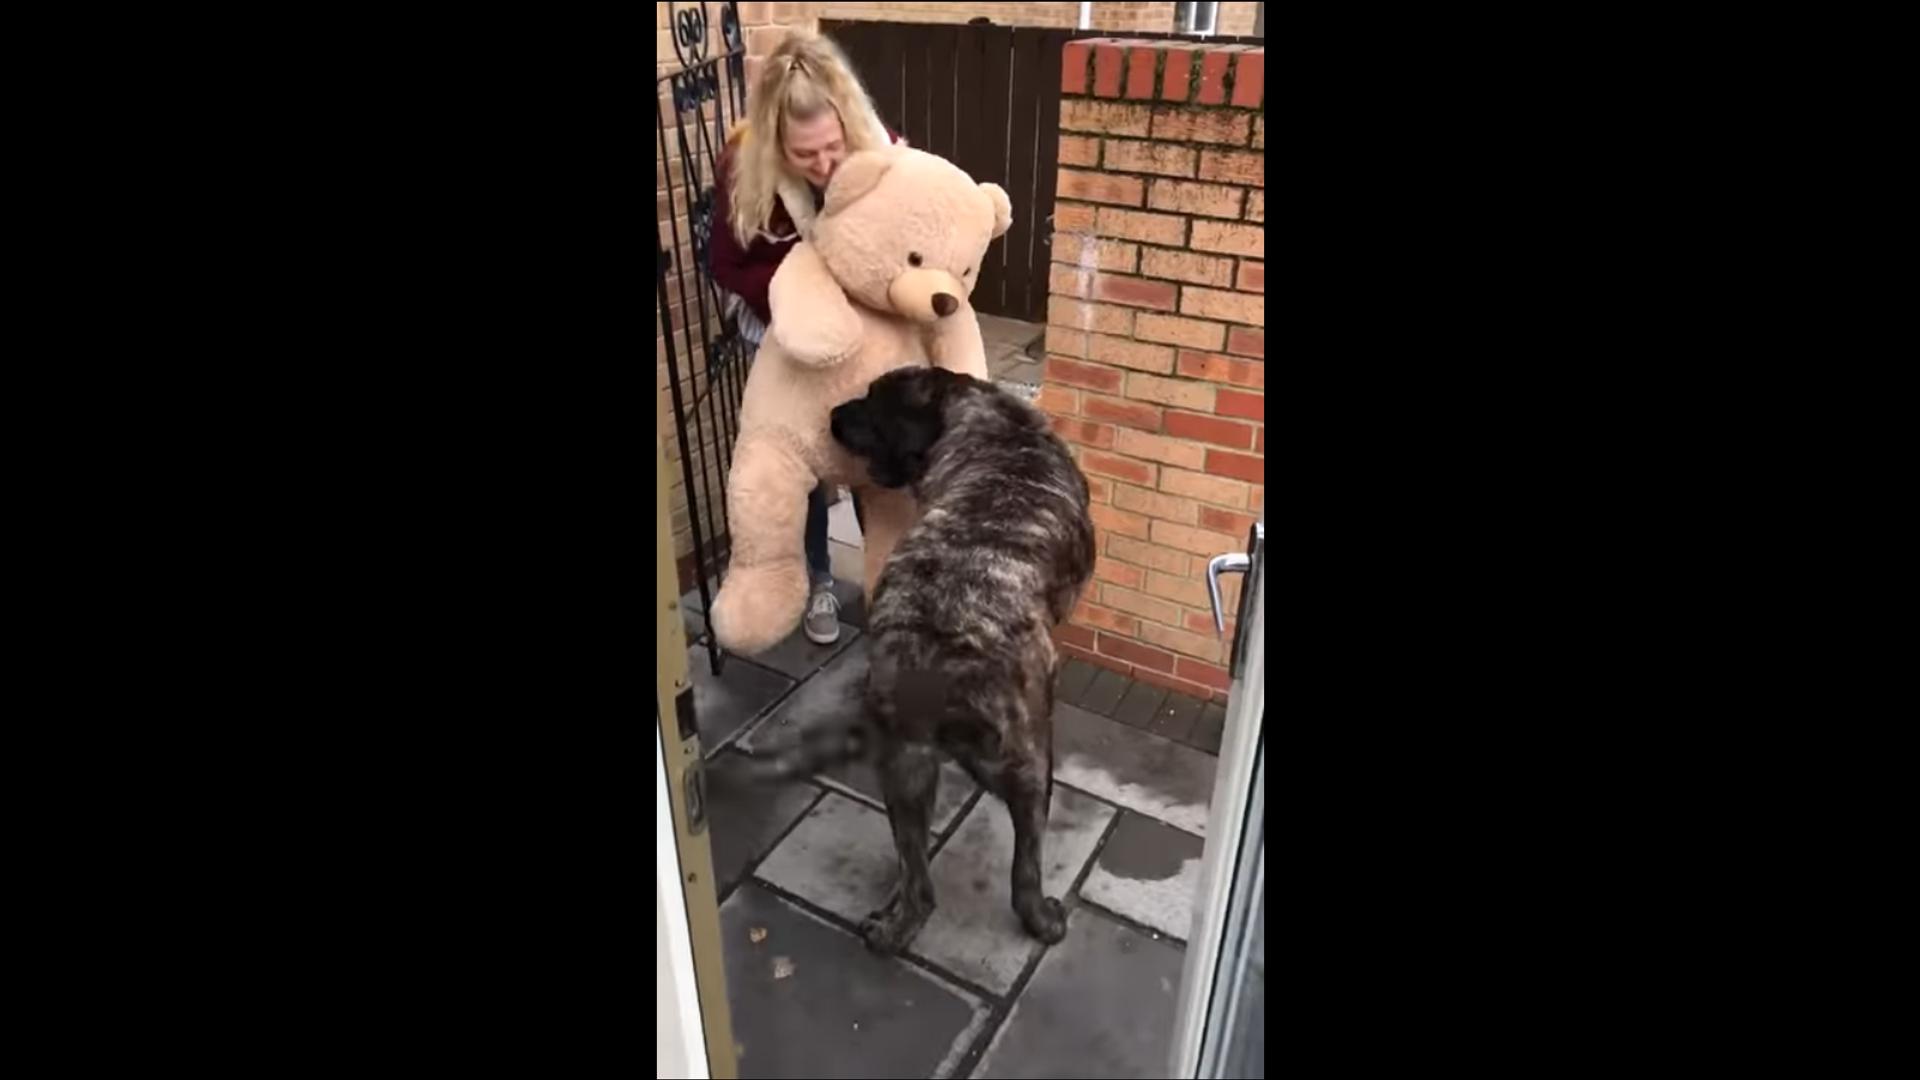 Хозяйка подарила псу огромного плюшевого мишку, и он невероятно счастлив – видео - Sputnik Грузия, 1920, 16.09.2021